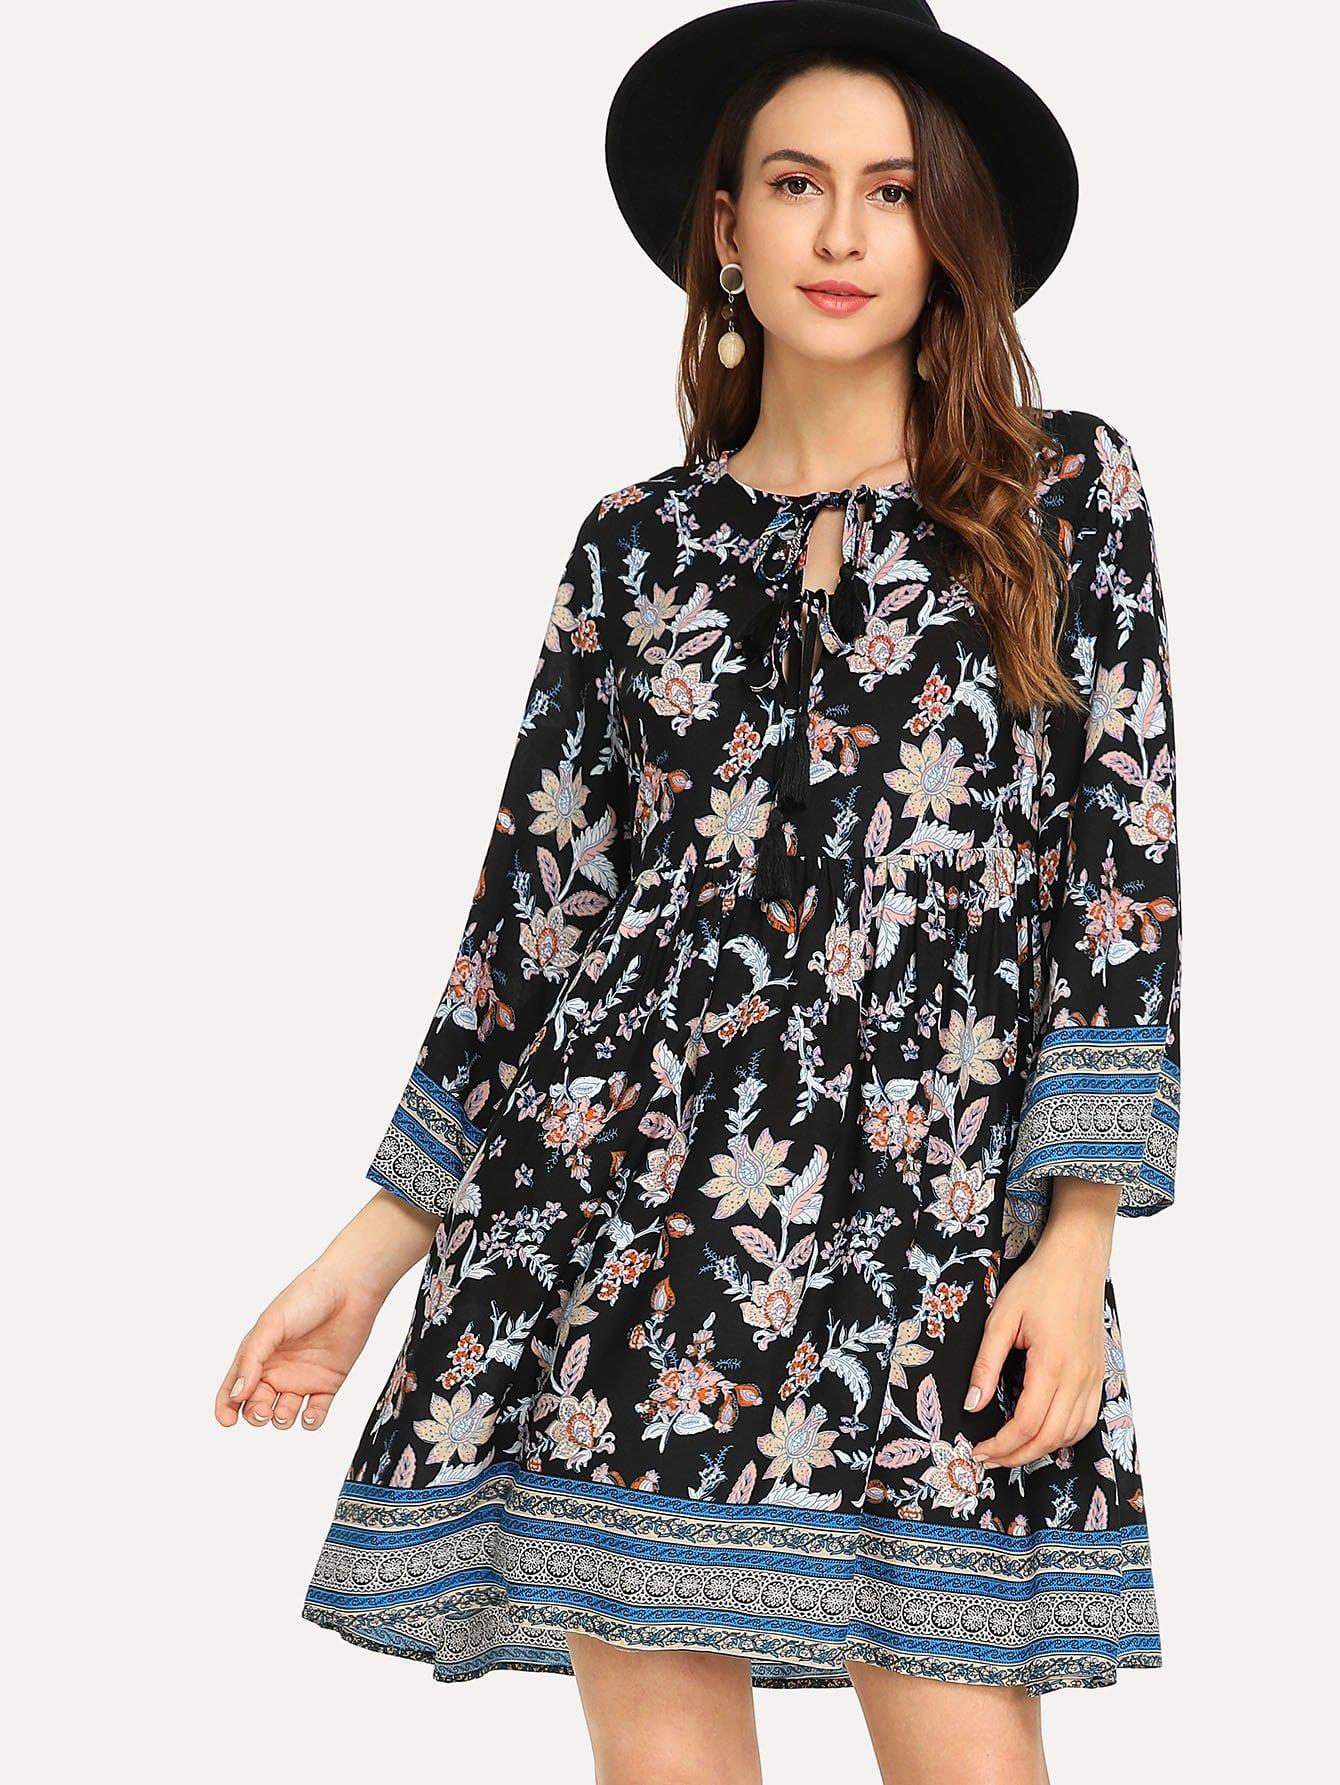 Купить Платье в цветочек с v-образным воротником, Jana, SheIn